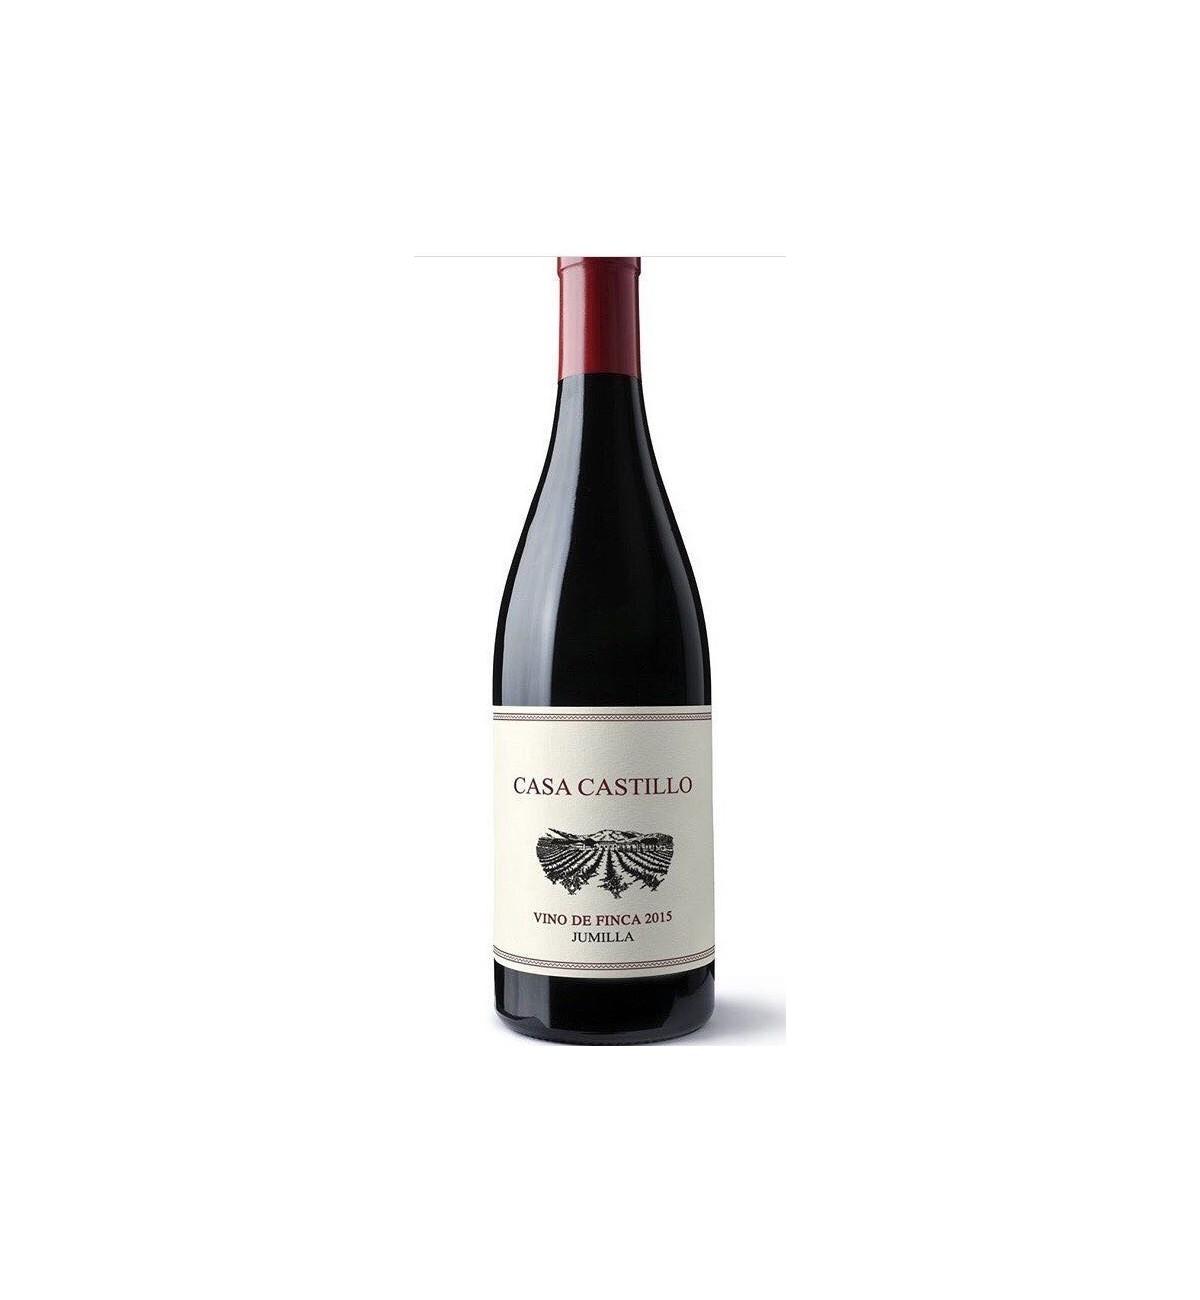 Casa Castillo Vino de Finca 2016 * Vino tinto, Jumilla, Monastrell, Garnacha - muchosvinos.com